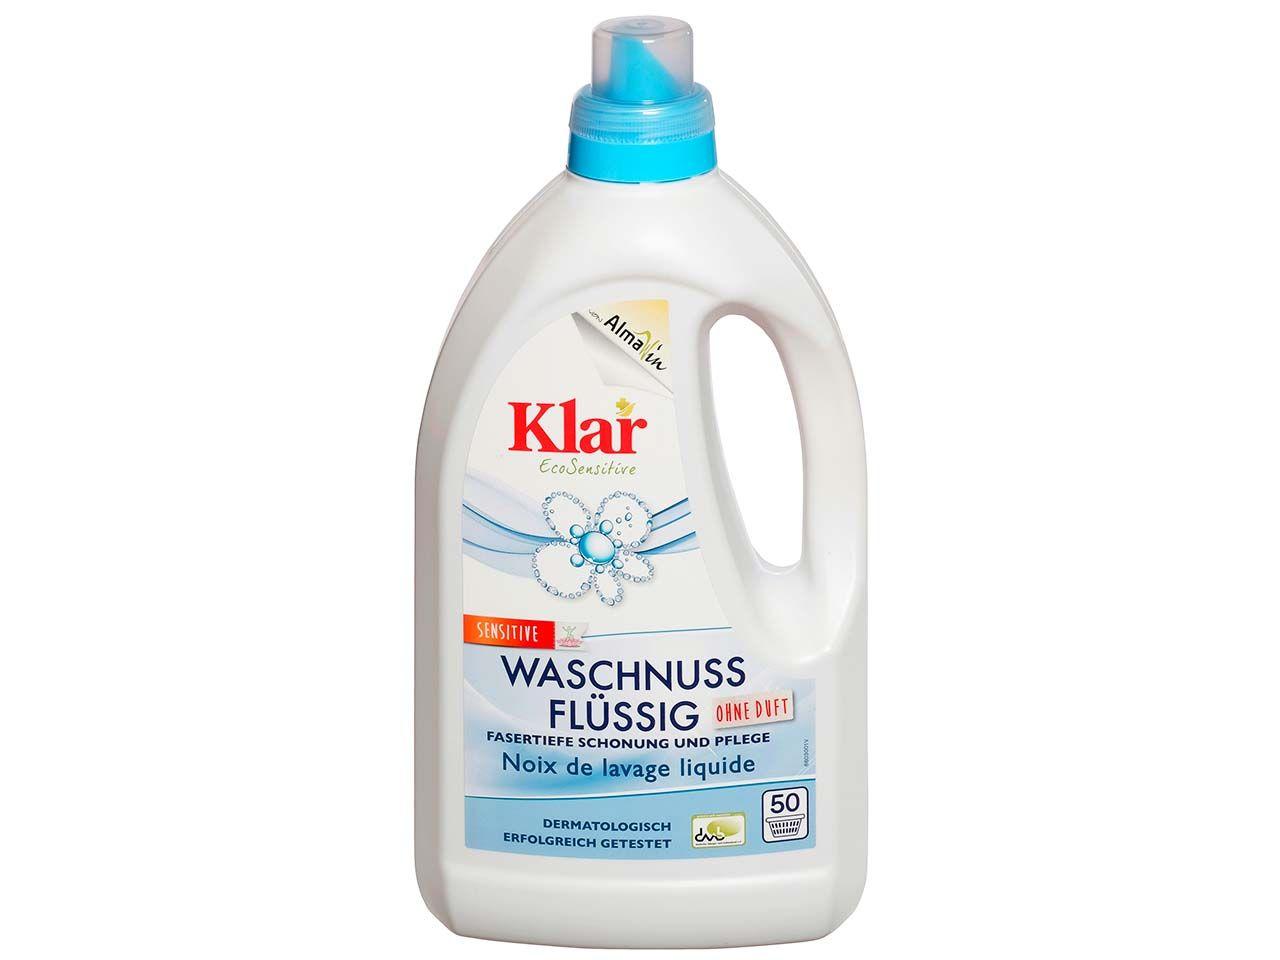 Klar Flüssige Waschnuss